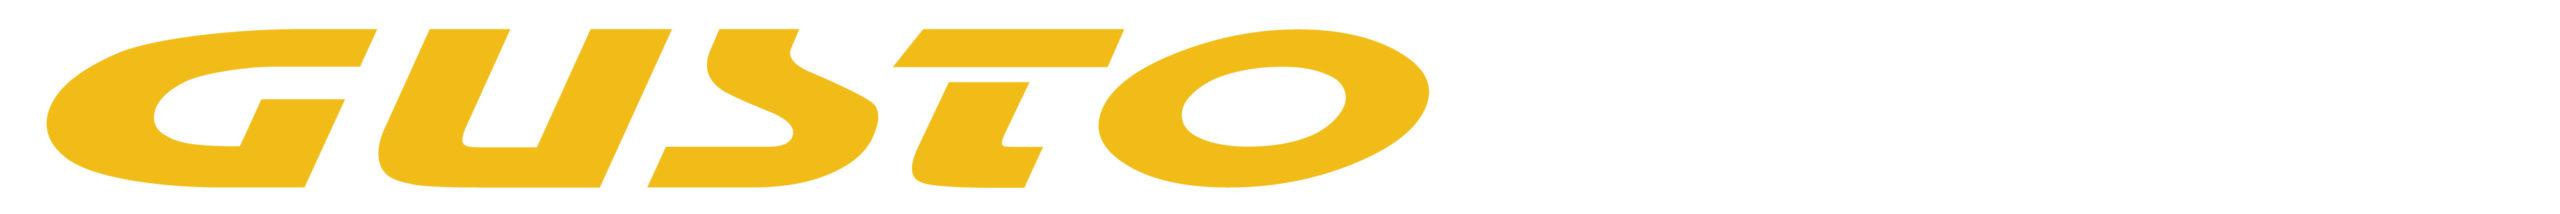 schwinn_logo